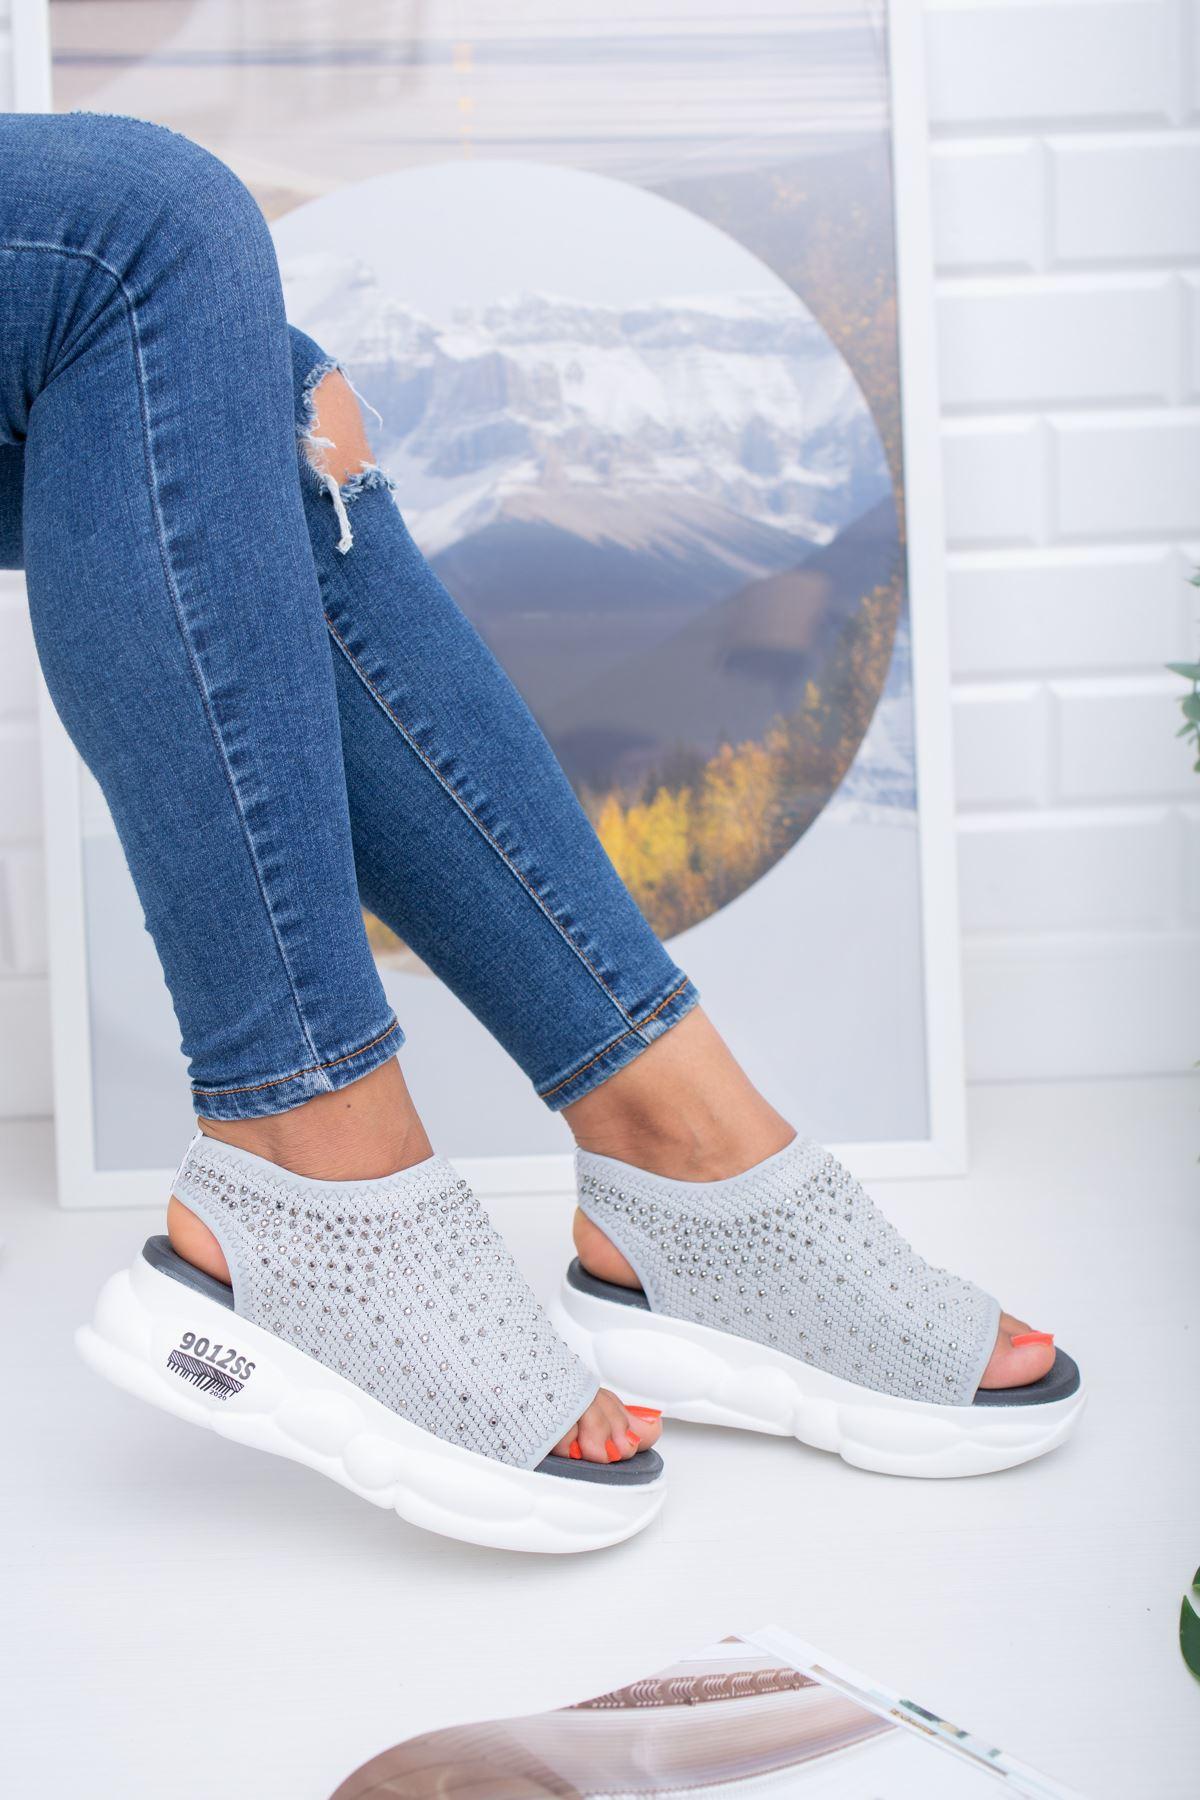 Dido Gri Triko Bayan Spor Ayakkabı